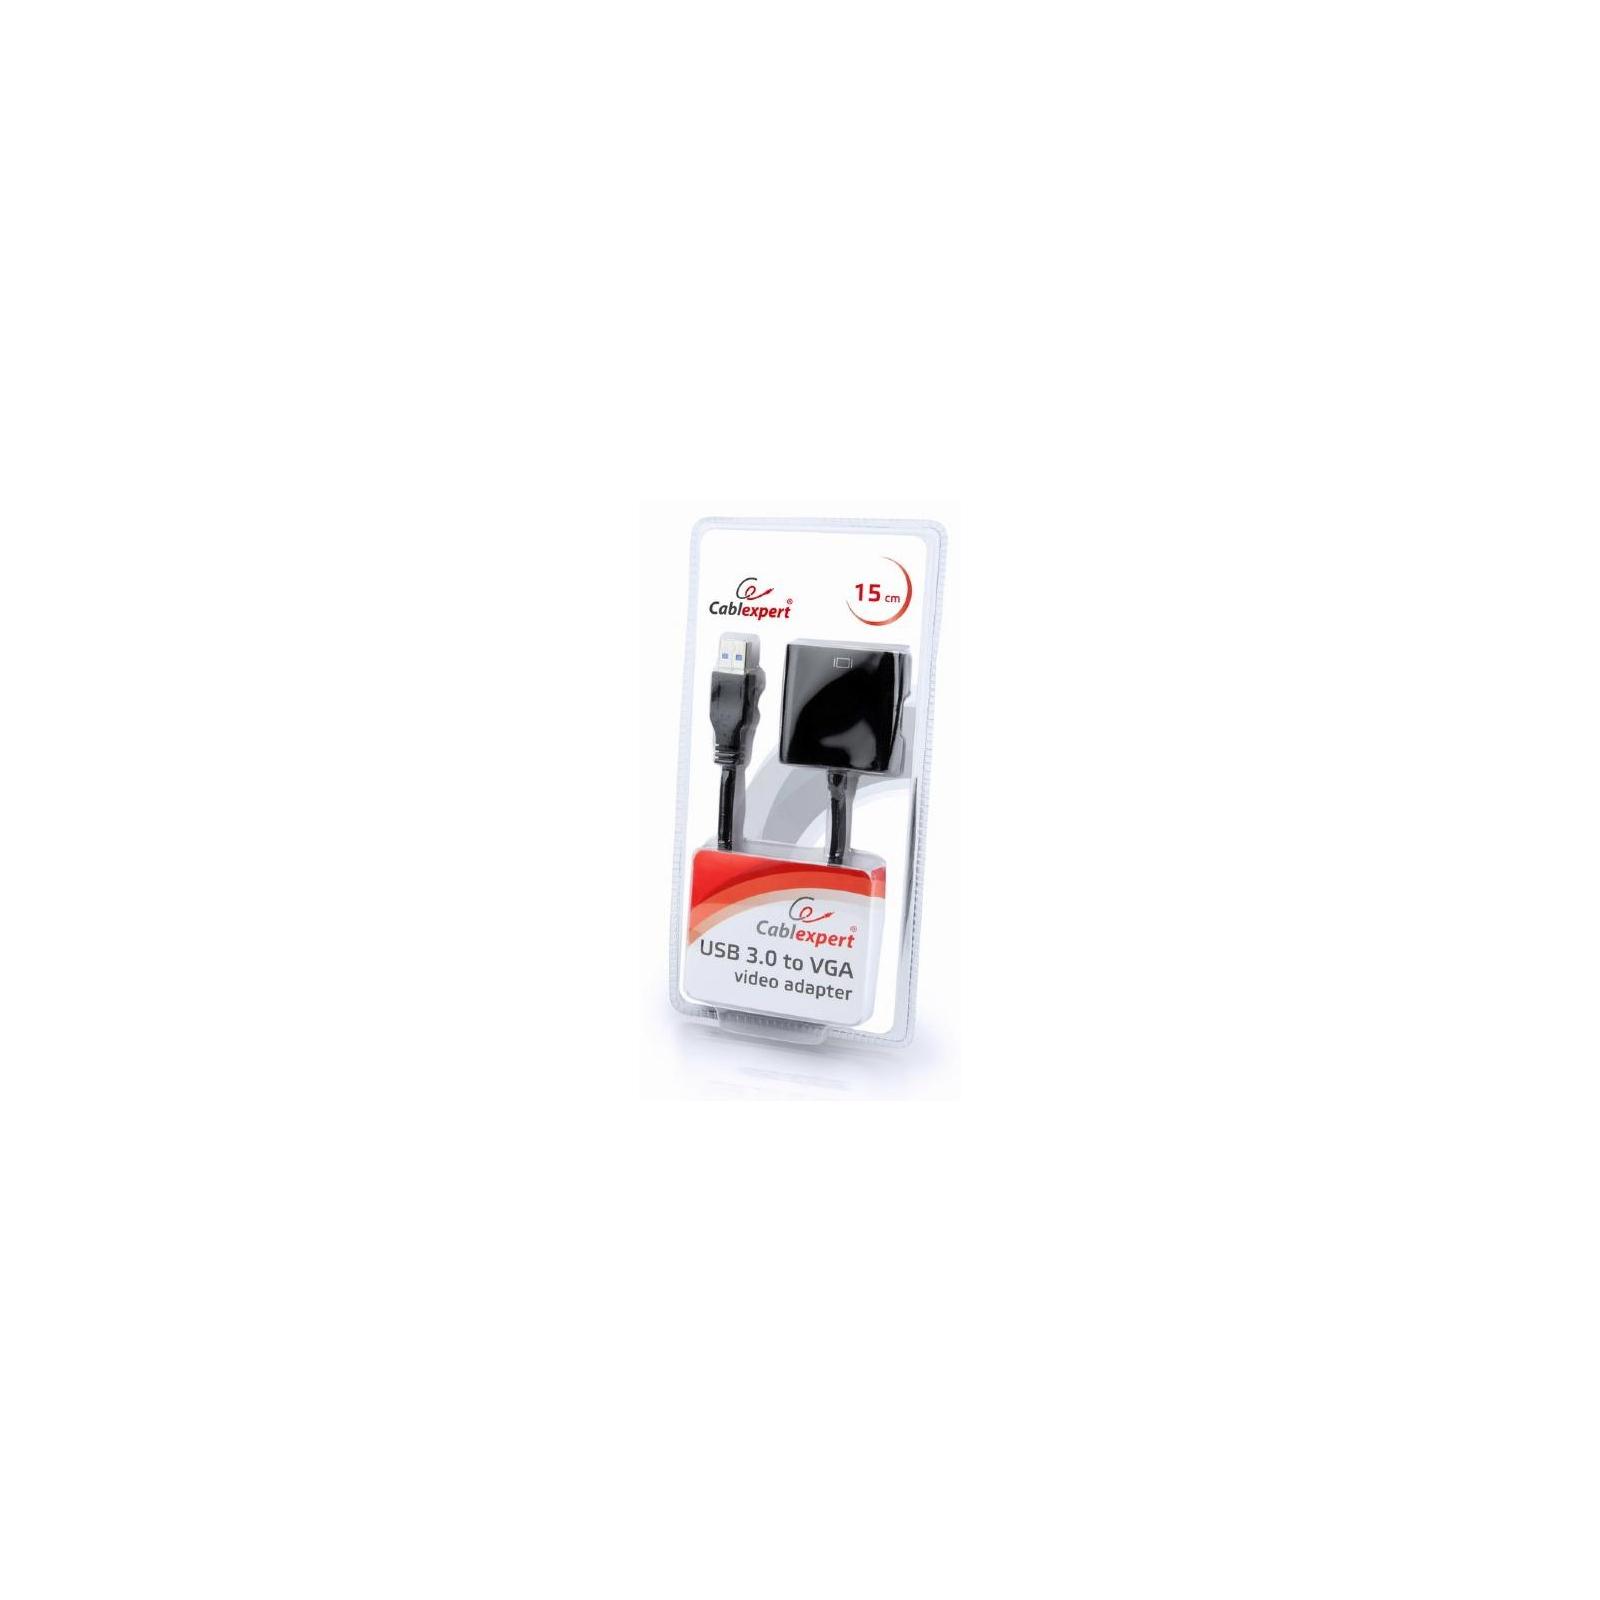 Переходник USB3.0 - VGA Cablexpert (AB-U3M-VGAF-01) изображение 2